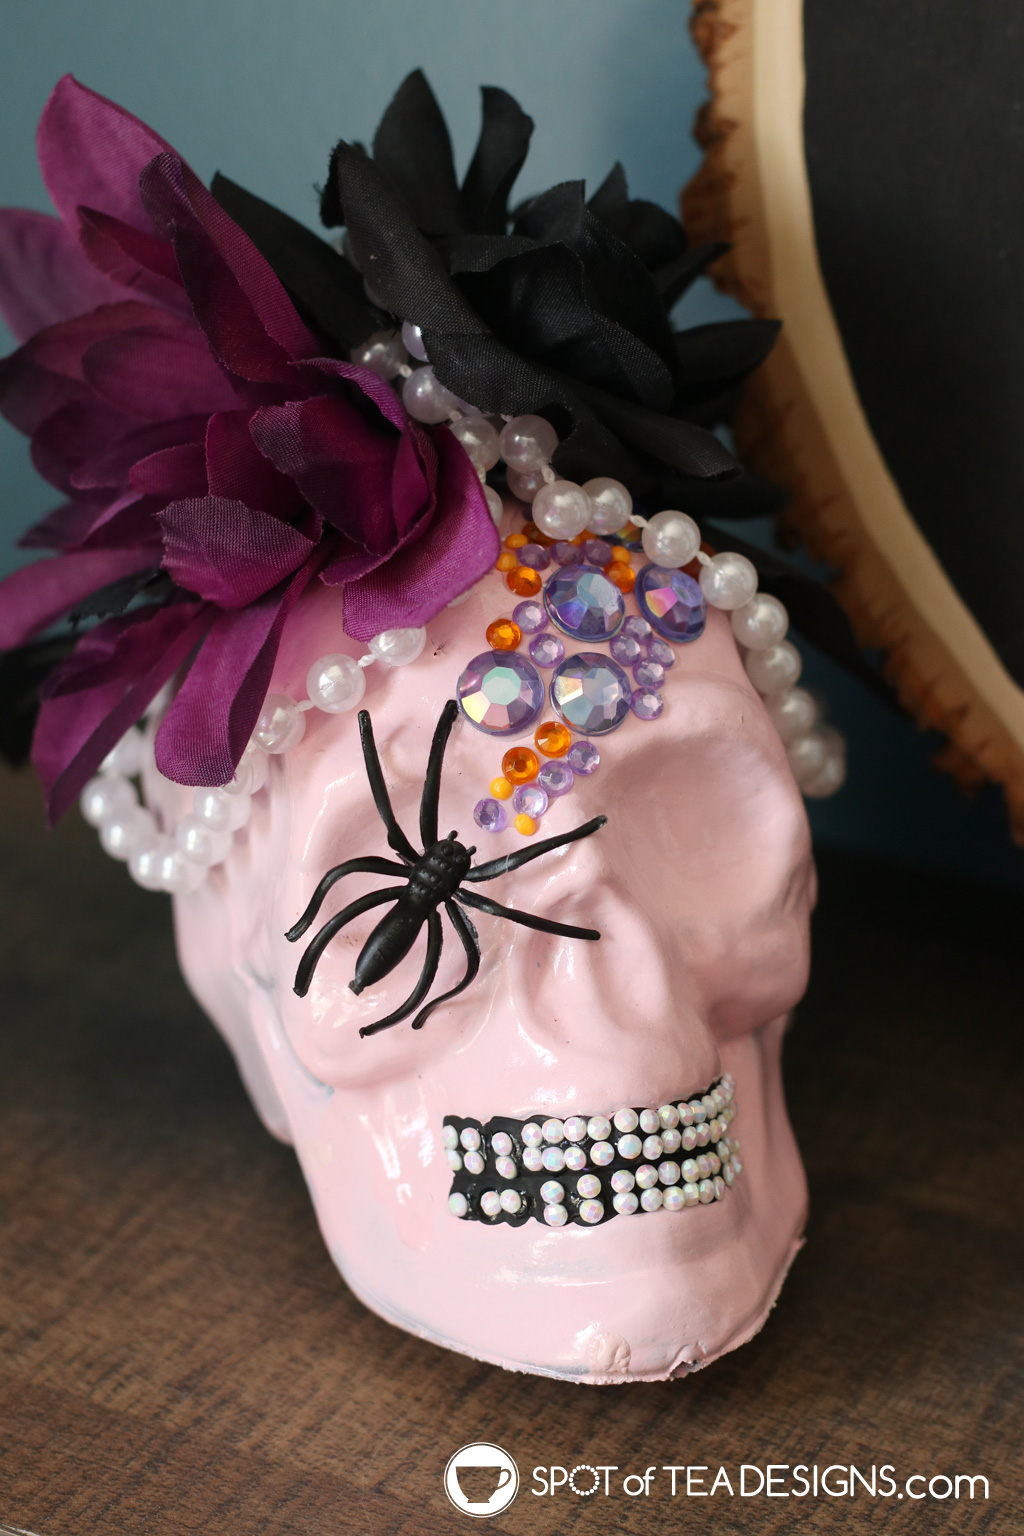 DIY Pastel Halloween Skull Decor | spotofteadesigns.com